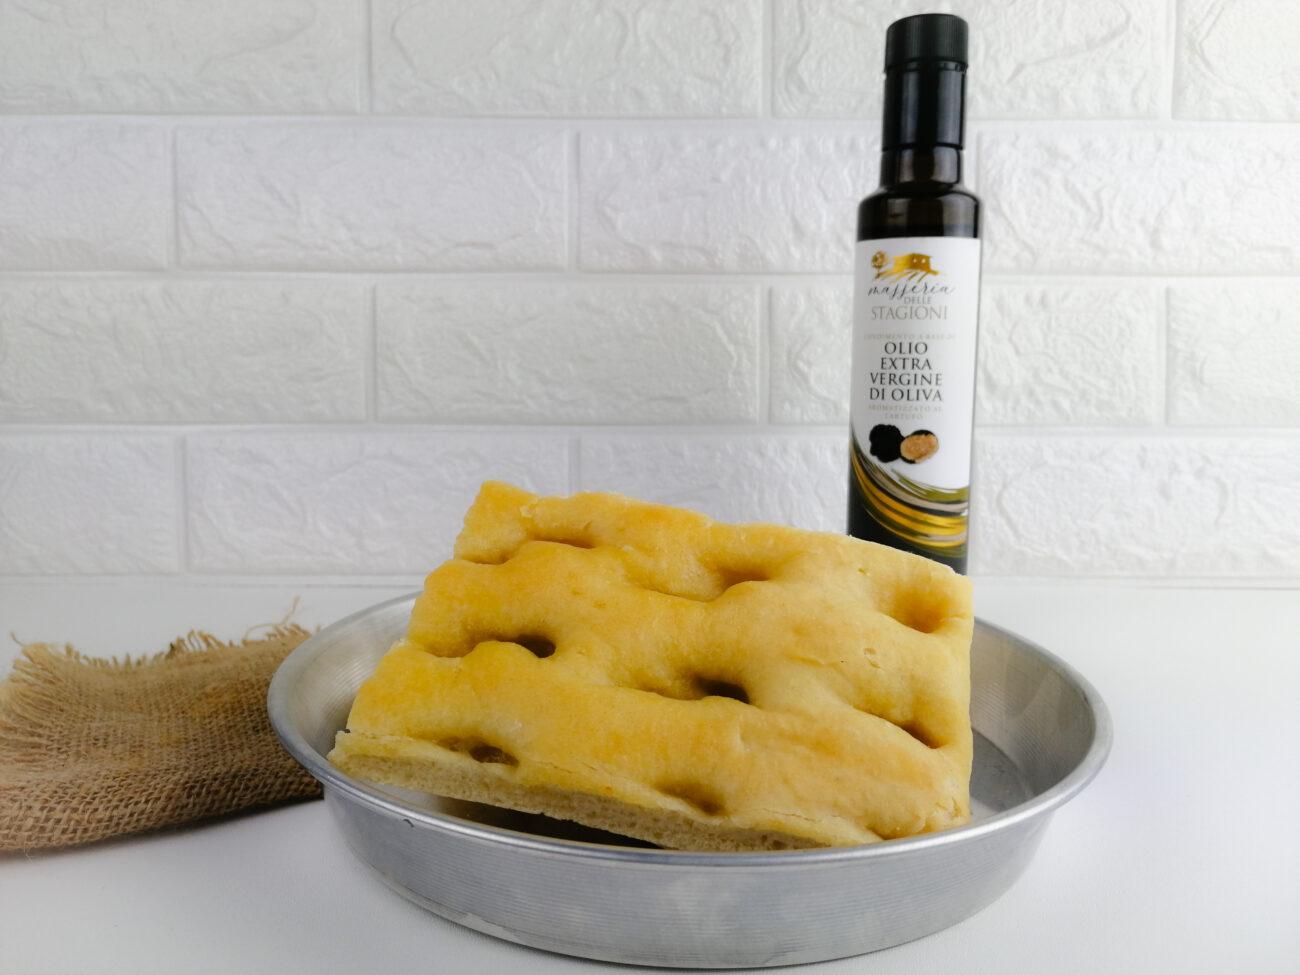 Focaccia con olio extravergine di oliva al tartufo